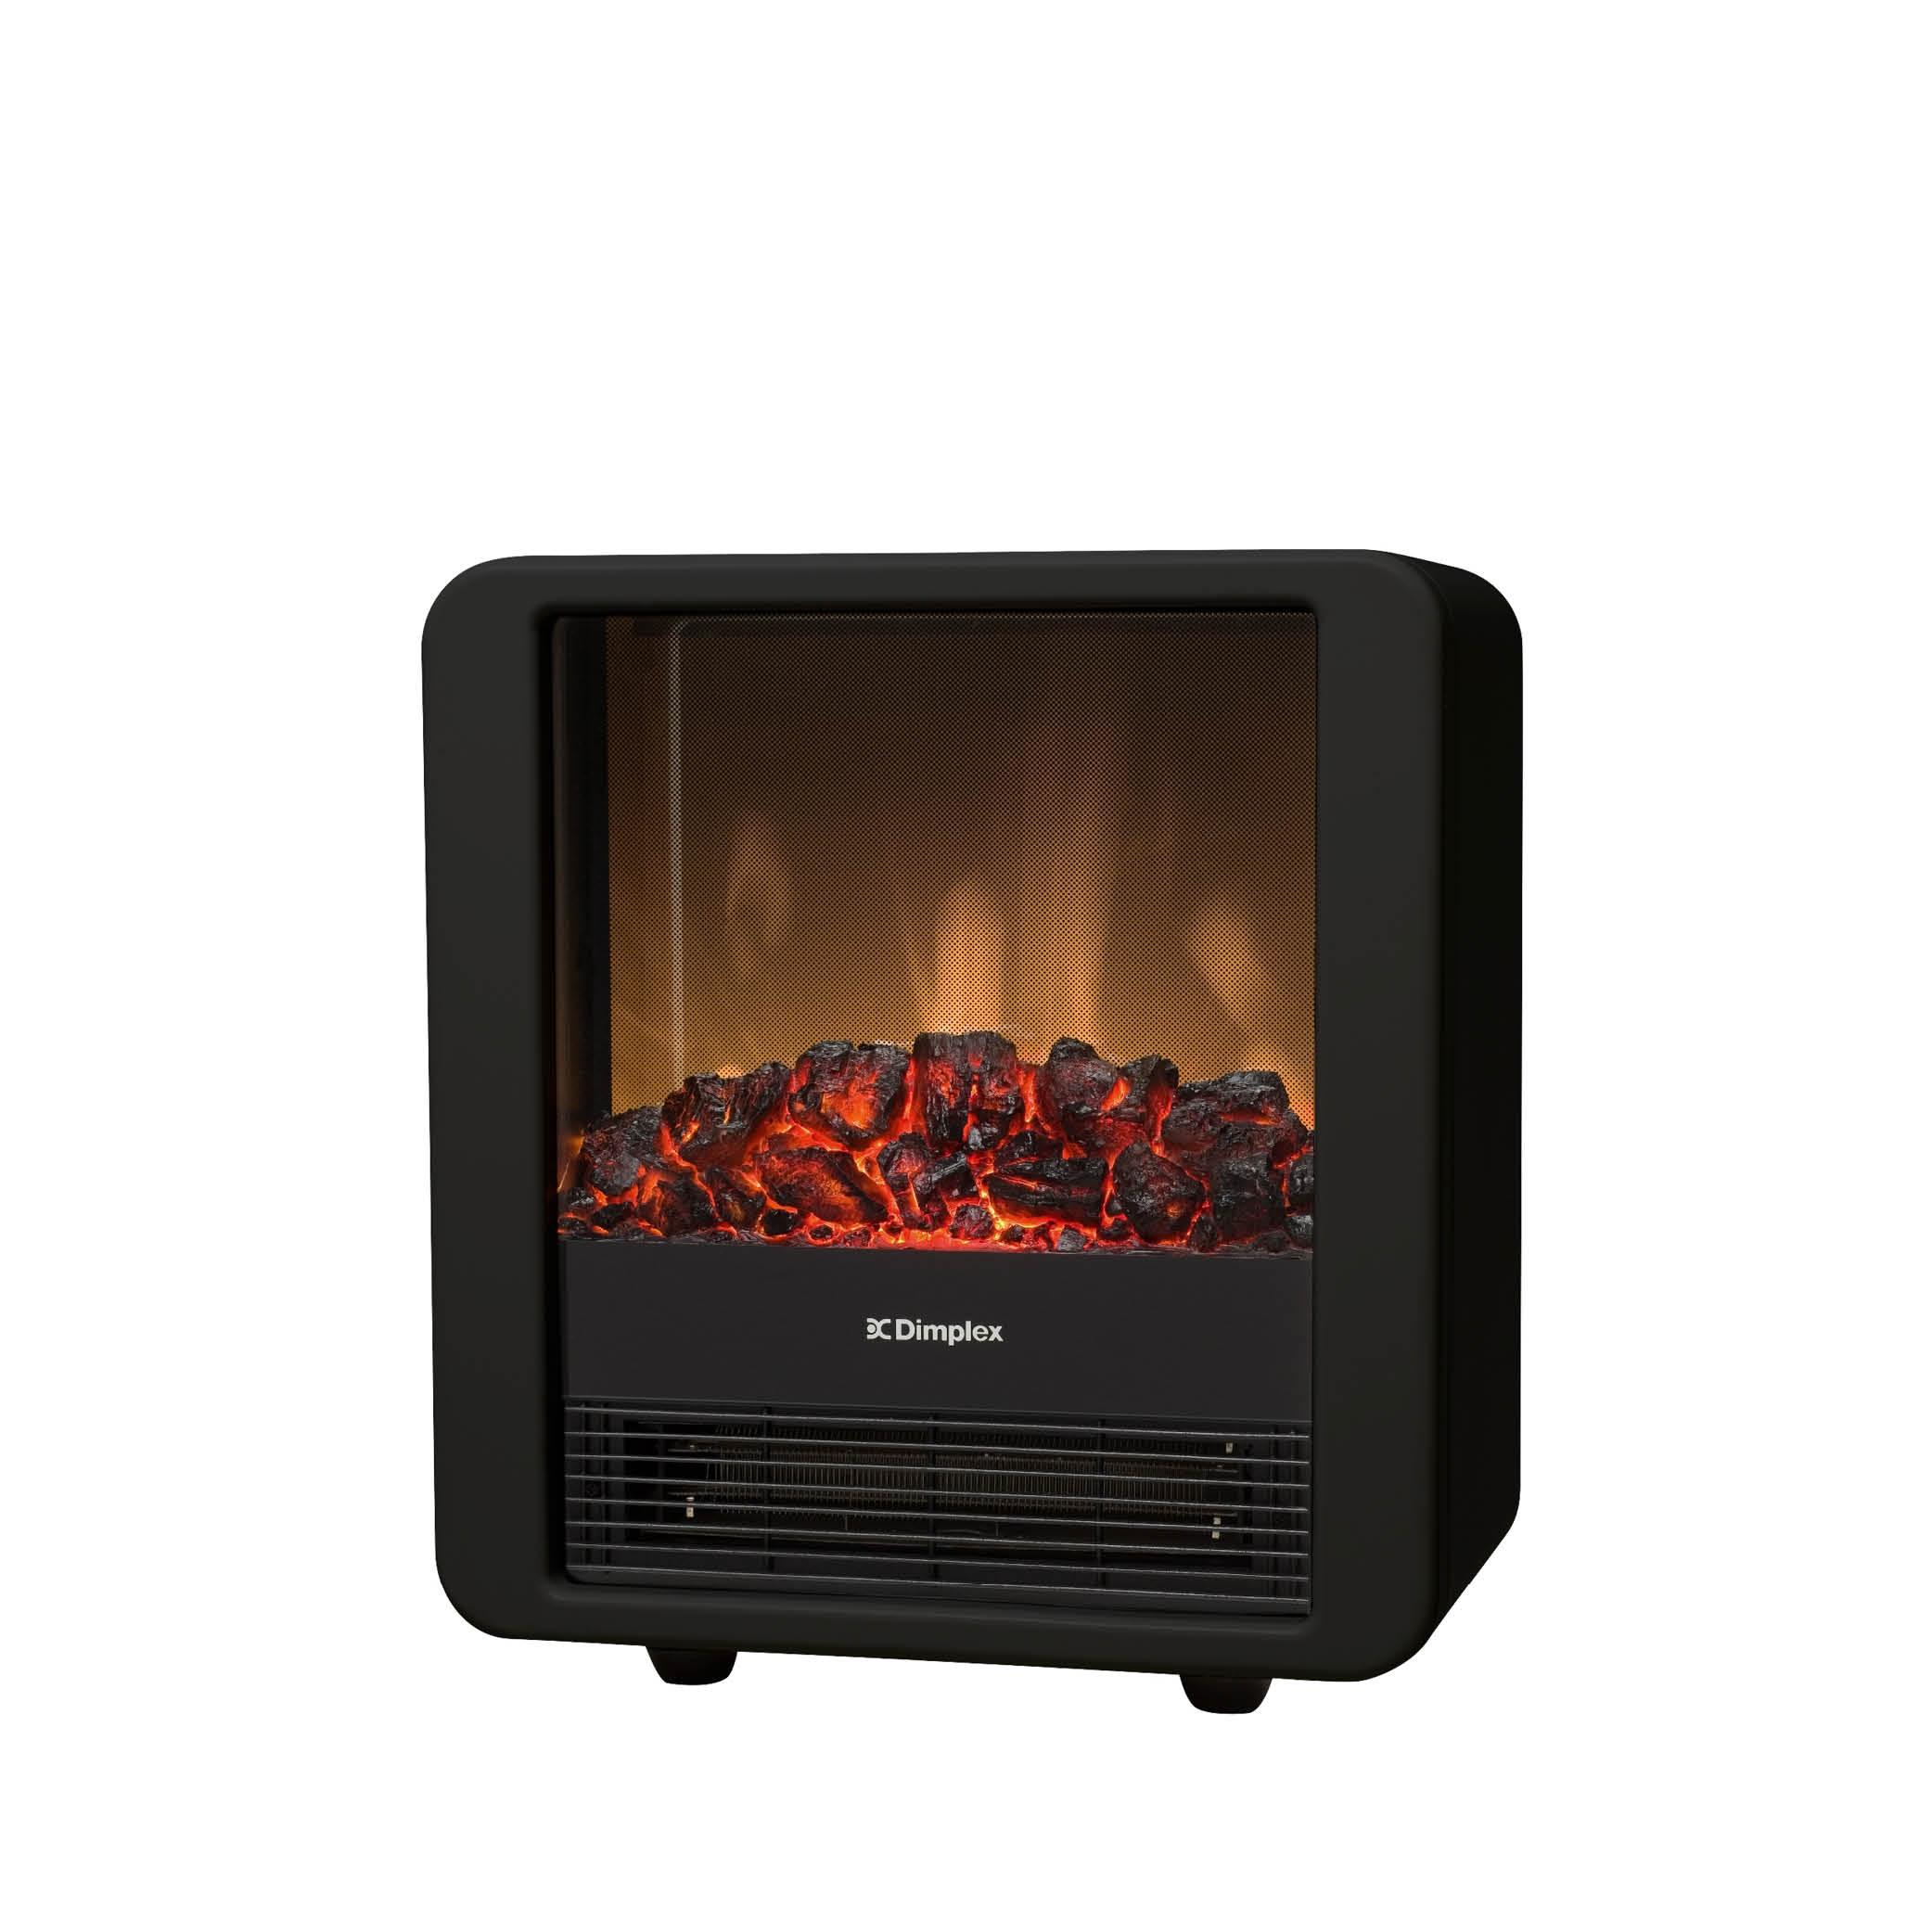 Dimplex 1.5 kW Mini Cube Electric Fire